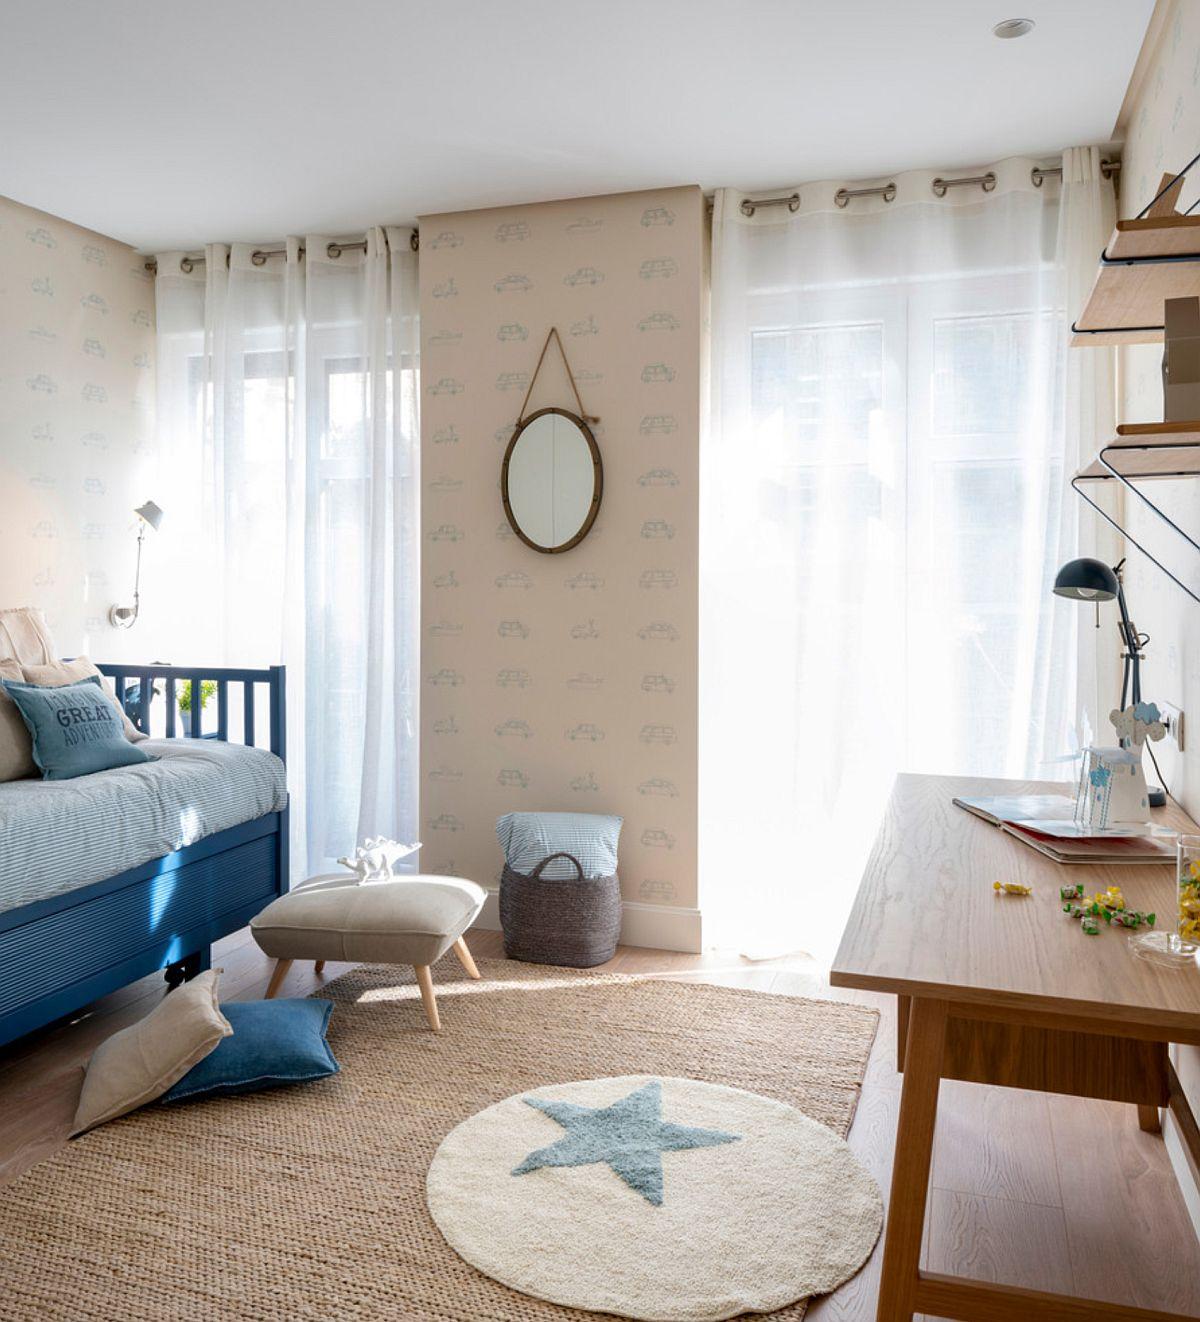 Camera copilului este mică, dar luminoasă, grație celor două ferestre. Ambientul este gîndit temperat pentru ca el să fie vieabil și când cel mic va crește.